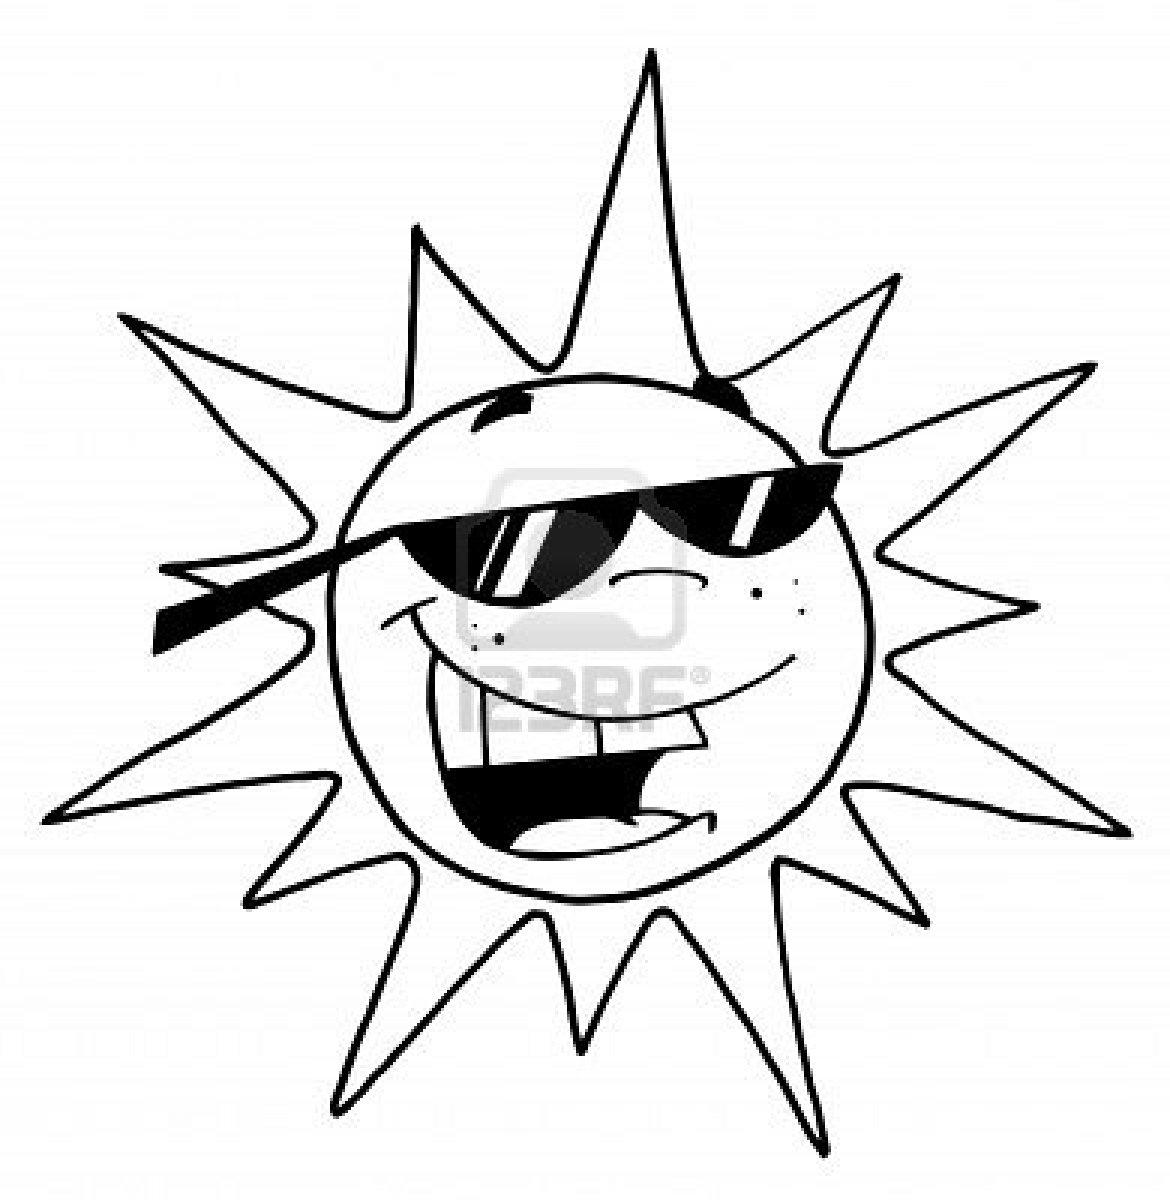 sun clipart black sun clip art black and white design sun clipart black and white transparent background